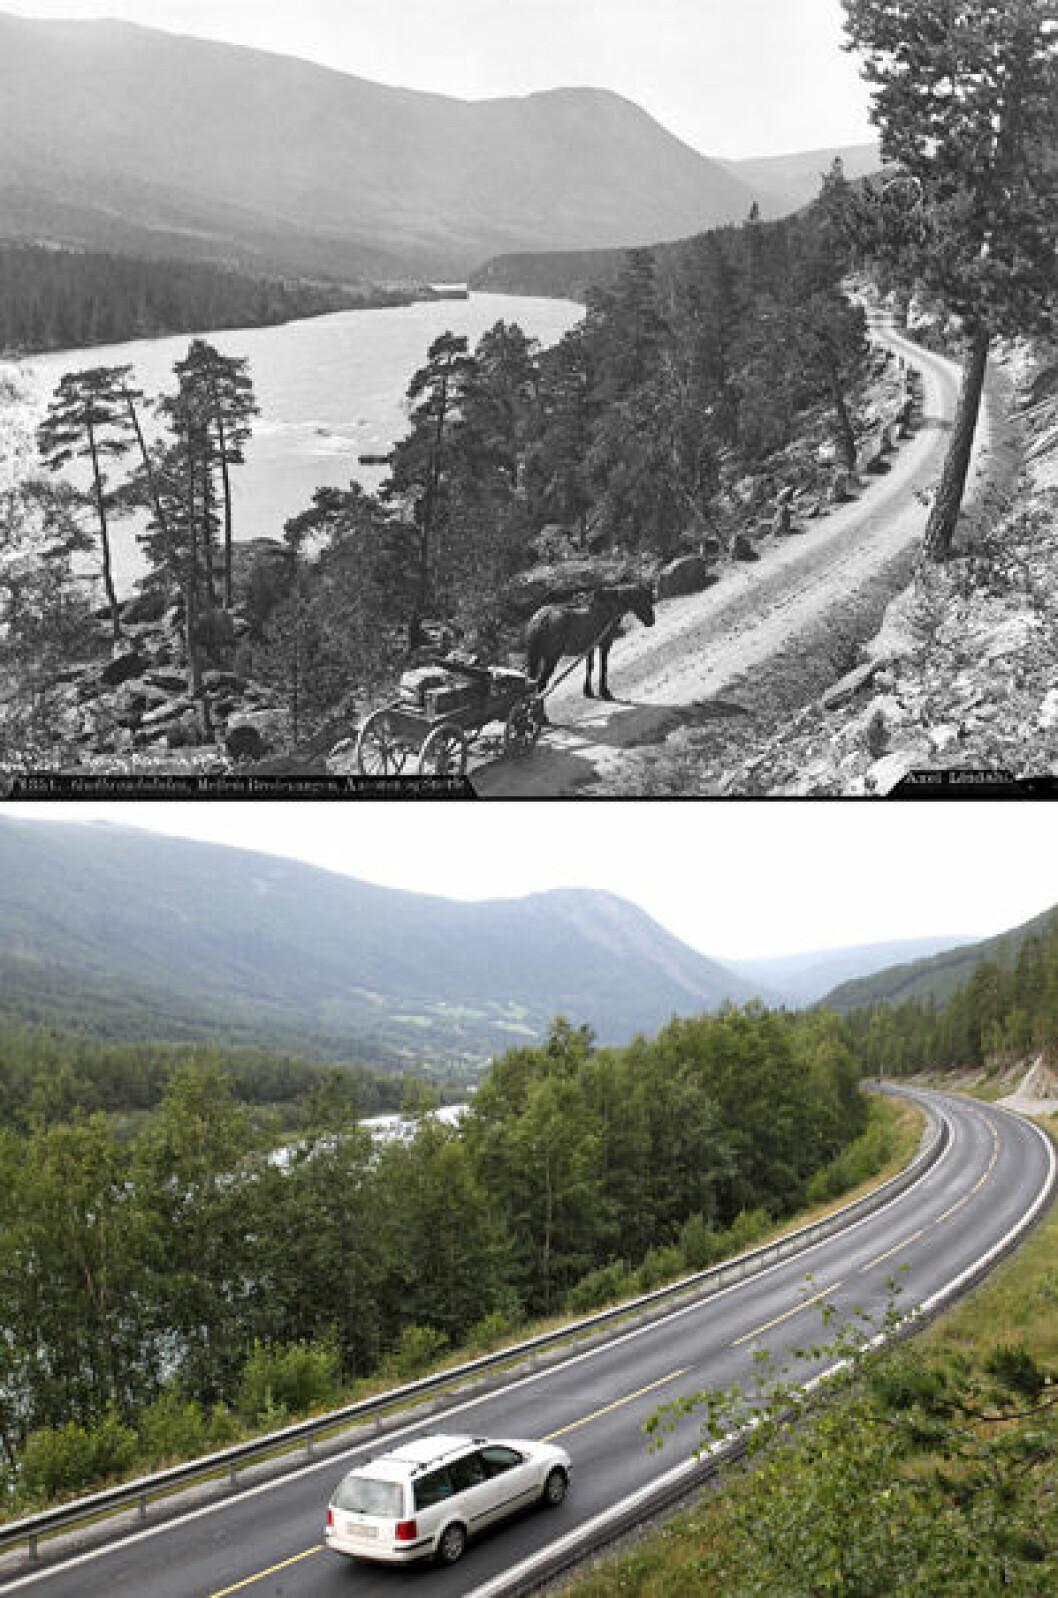 1886 og 2014: Fra Gudbrandsdalen mellom Bredevangen og Vågå i Oppland. Foto: Axel Lindahl/Oscar Puschmann